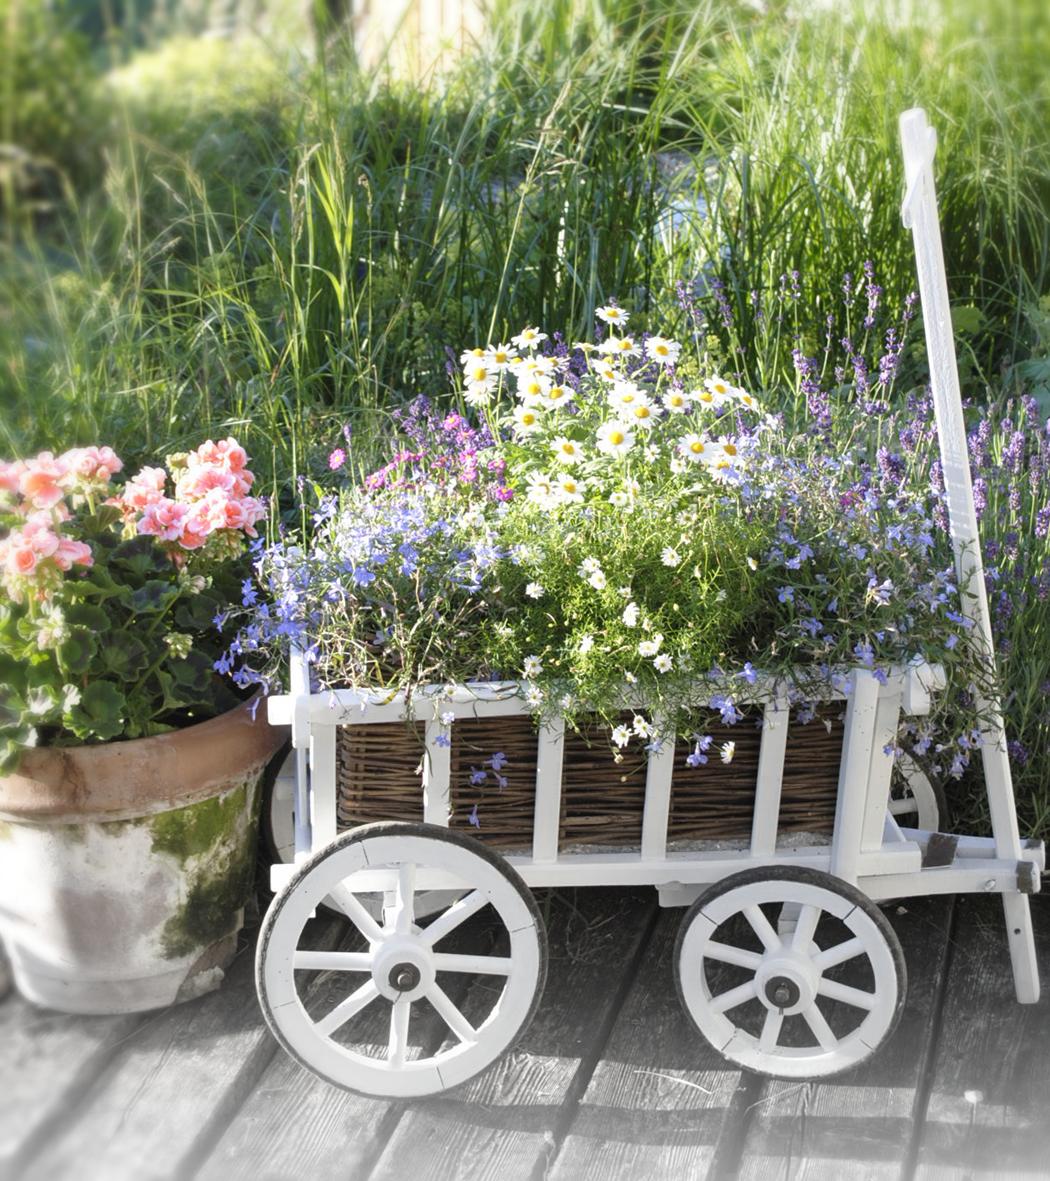 Die besten 25 Leiterwagen Ideen auf Pinterest  Garnieren Ideen Advent deko fr drauen und